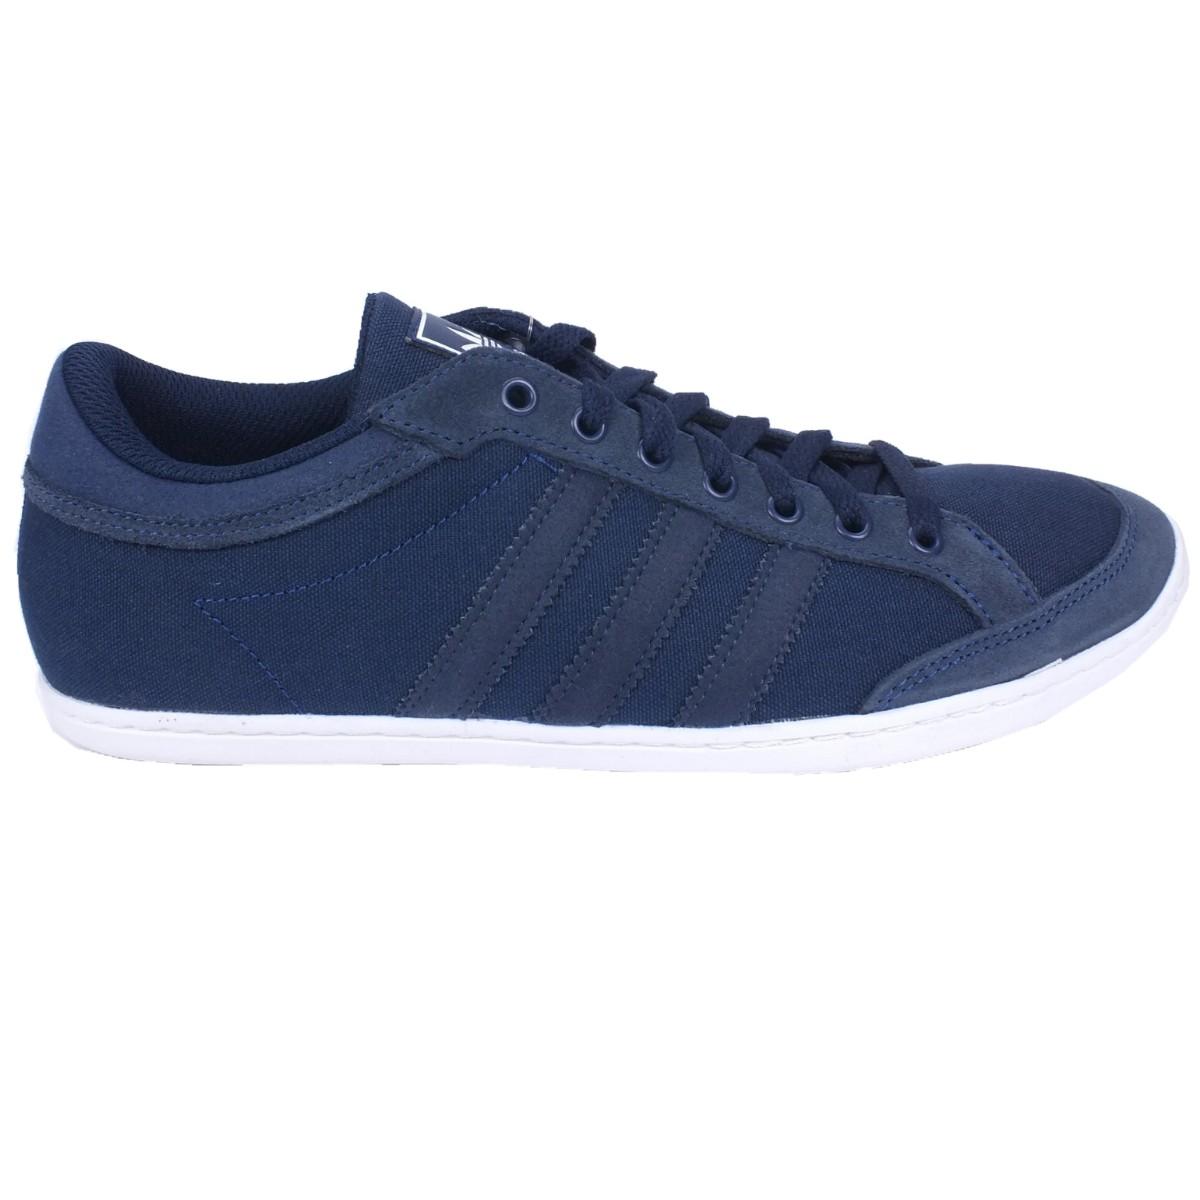 Adidas Sneaker Grau Blau